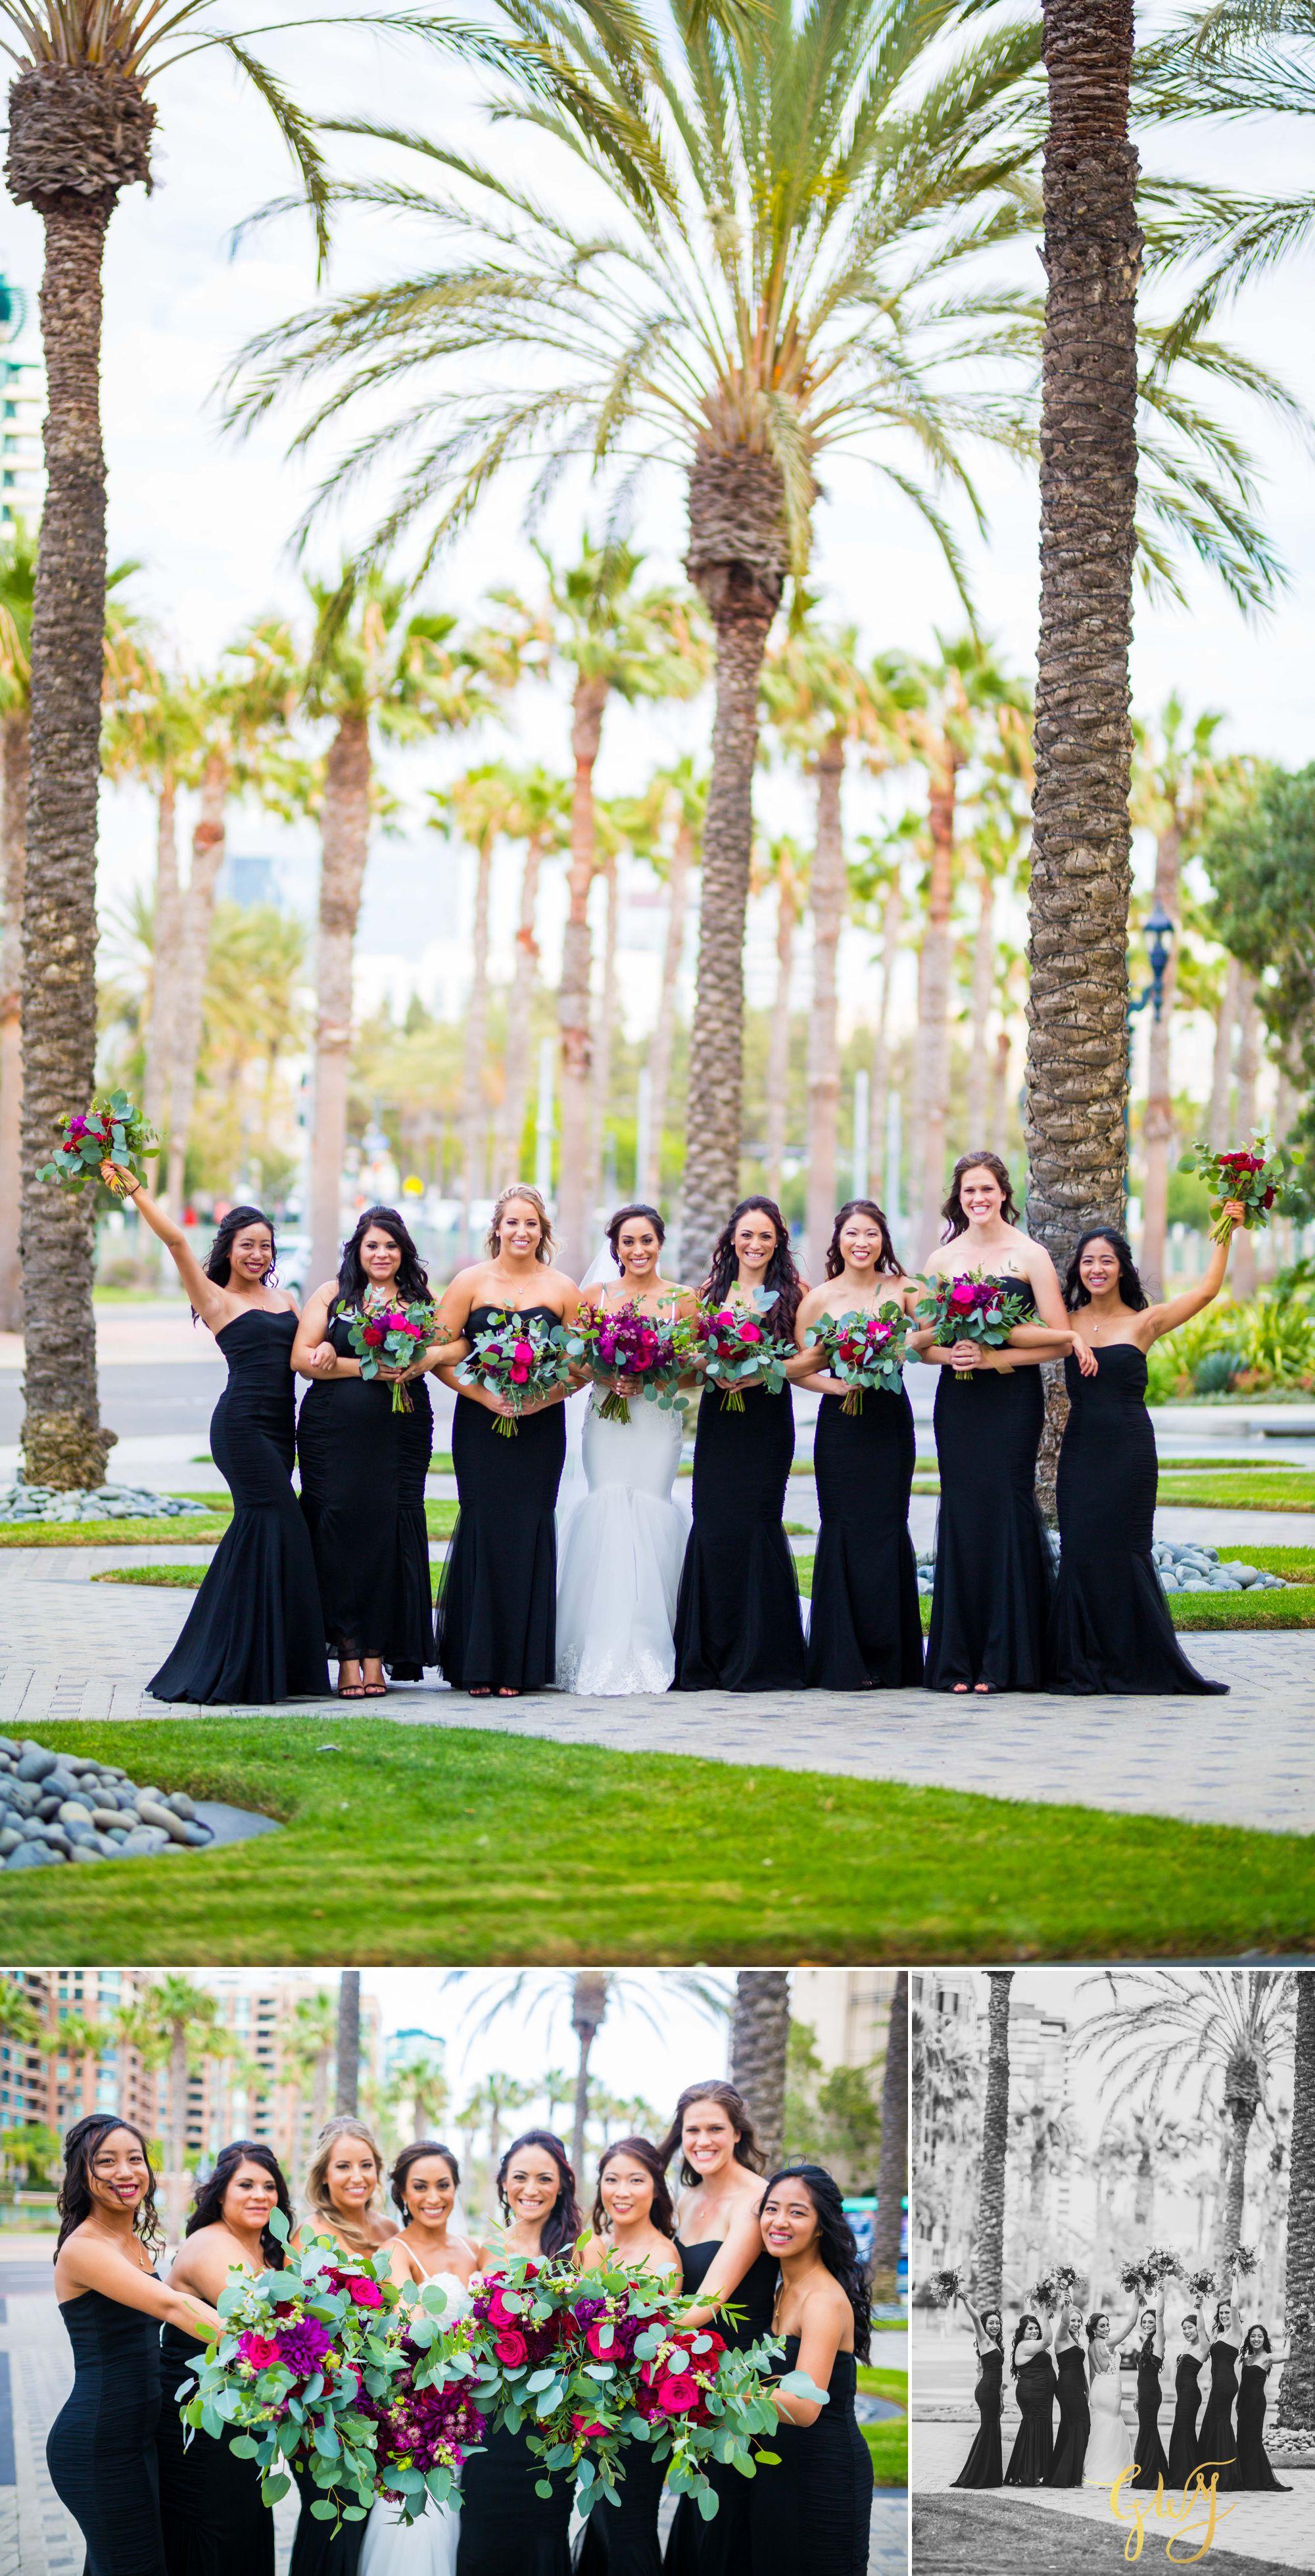 Alex + Jackie Elegant Tom Ham's Lighthouse San Diego Wedding by Glass Woods Media 14.jpg